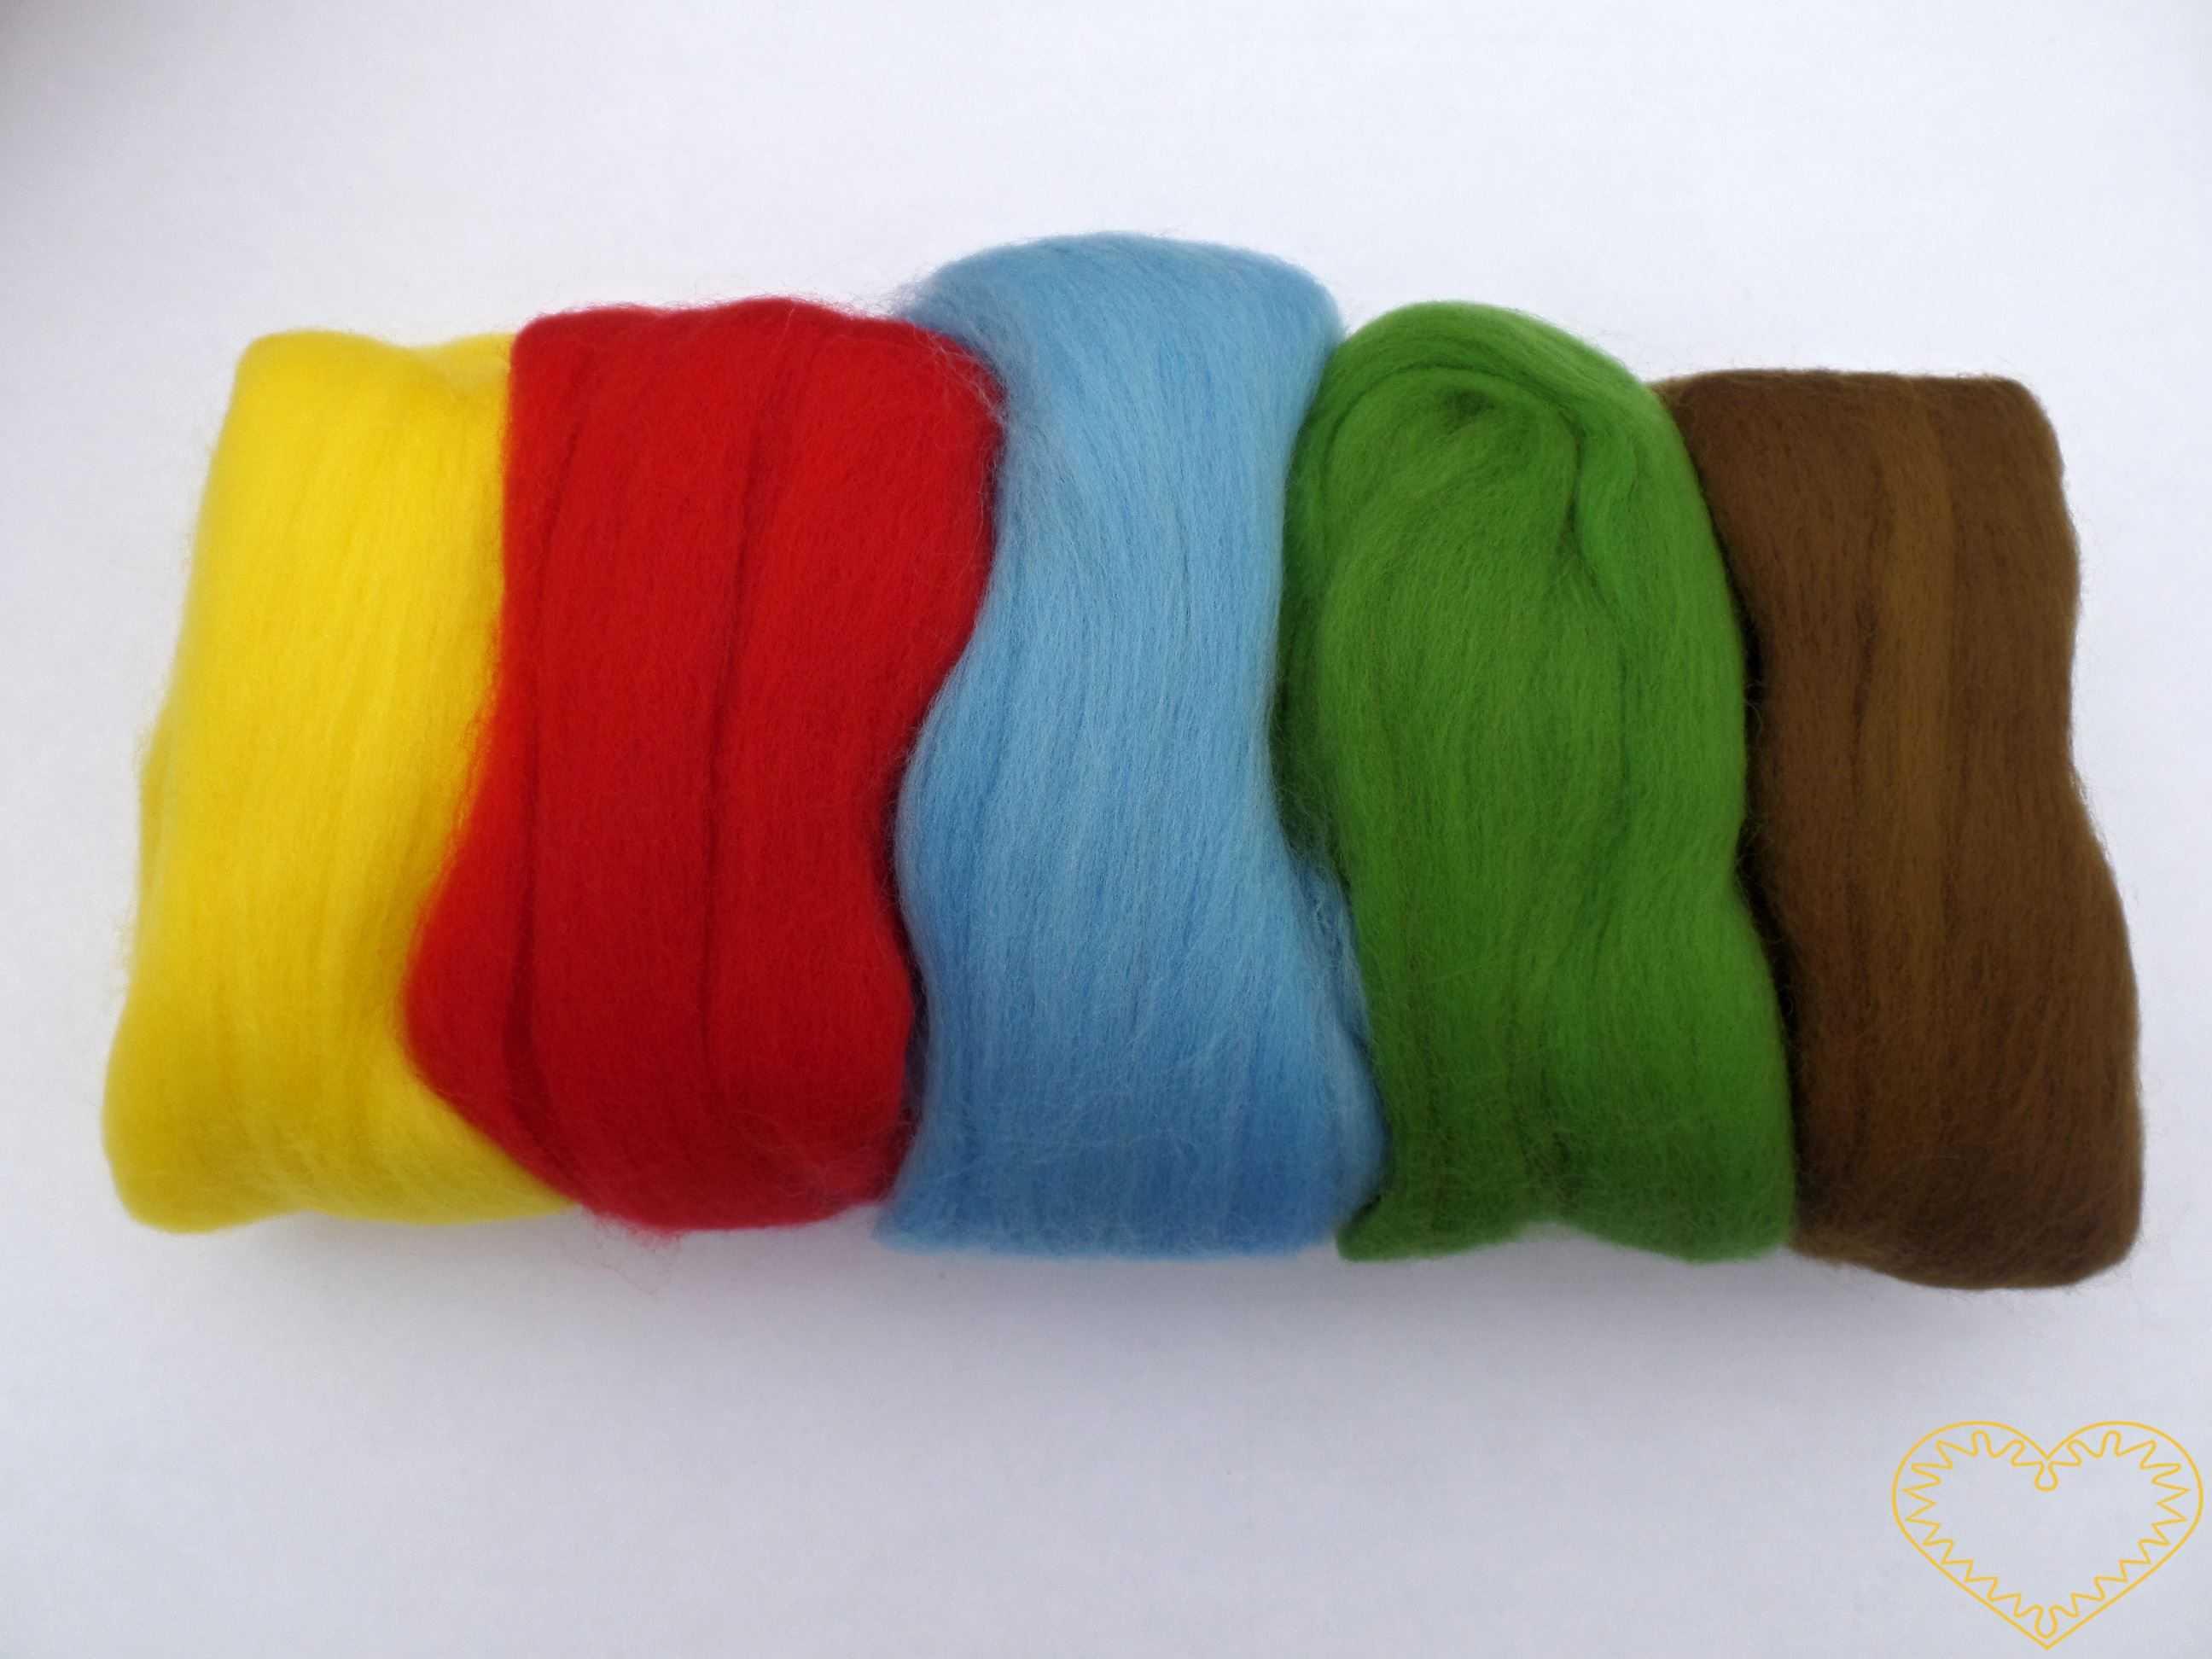 Ovčí rouno barvené - česaná vlna - sada 5 barev (50 g). Krásná jemná vlna, jemnost 20-21 mic. Vhodné na plstění suché i mokré.